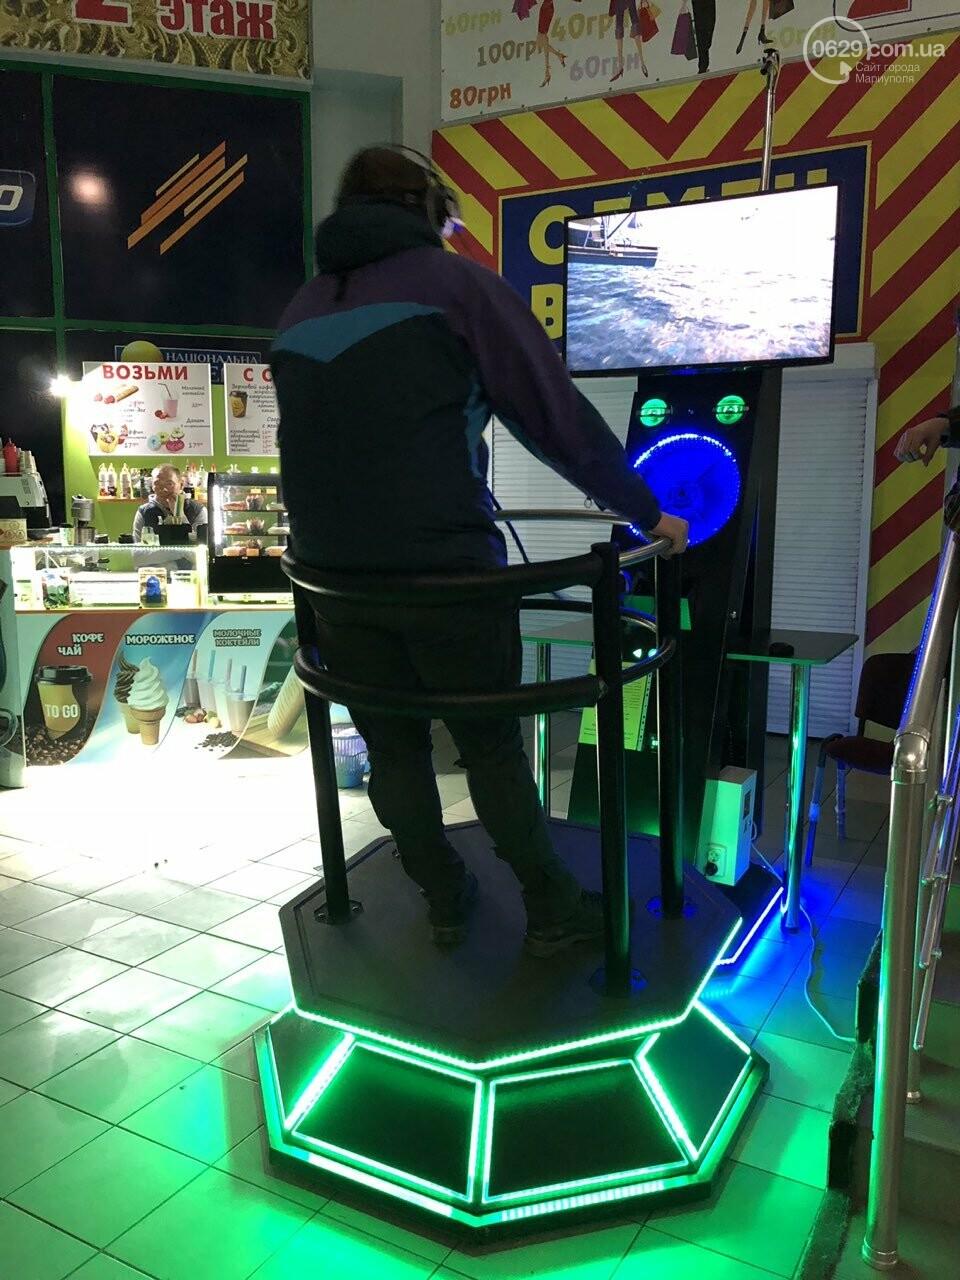 Открытие аттракциона виртуальной реальности «E-MOTION». Сумасшедший драйв в виртуальном мире! , фото-3